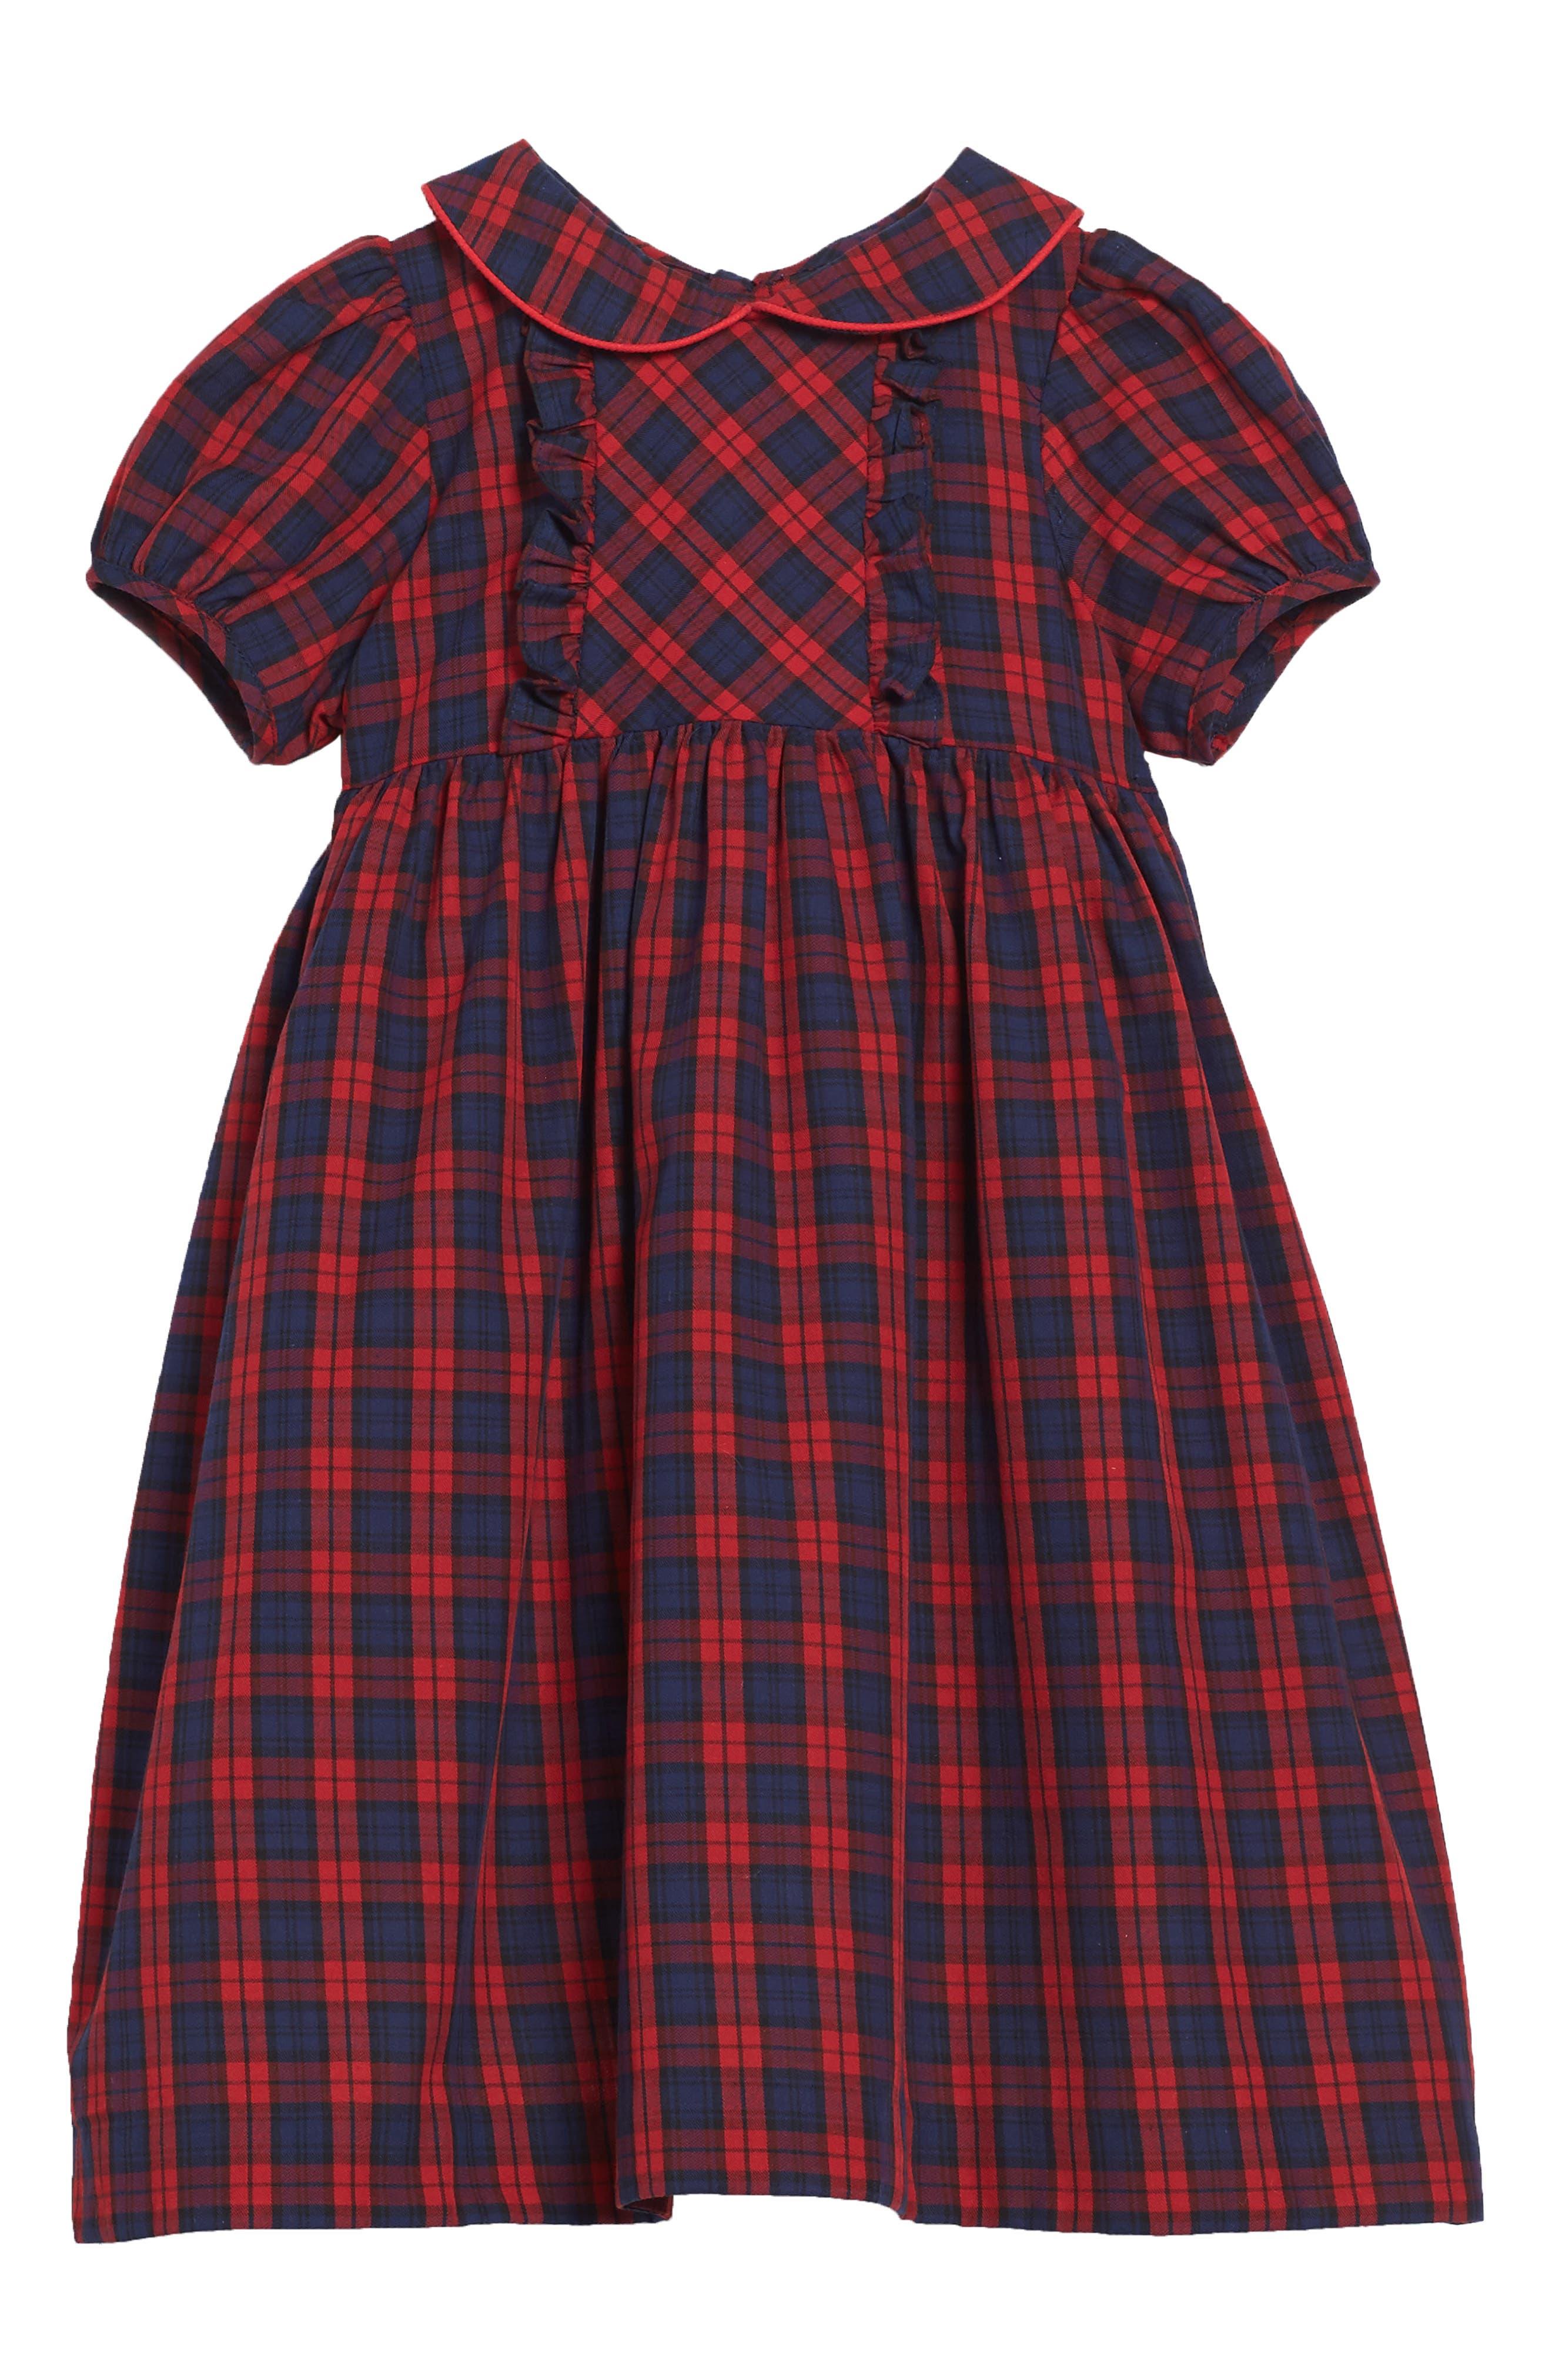 Luli & Me Plaid Dress (Toddler Girls)